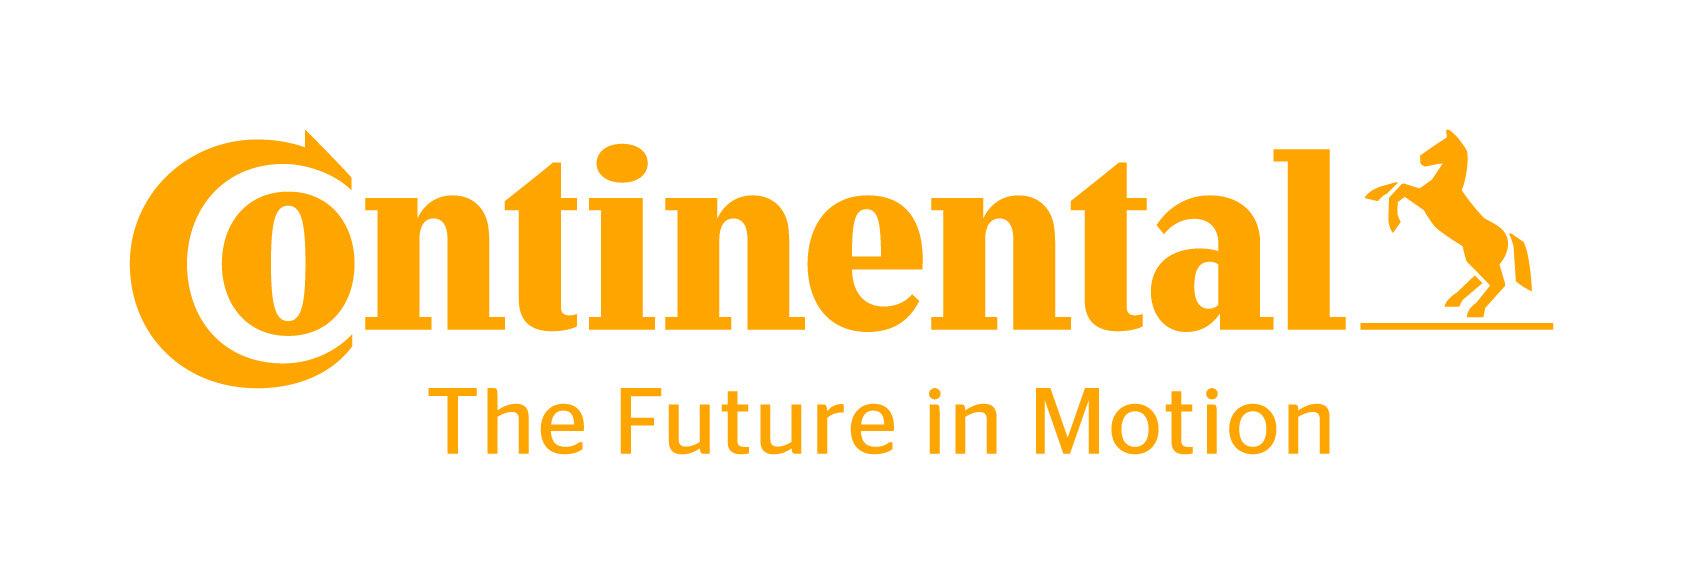 Biznes, ludzie, rozwój – kluczowe priorytety Continental w Polsce na 2018 rok